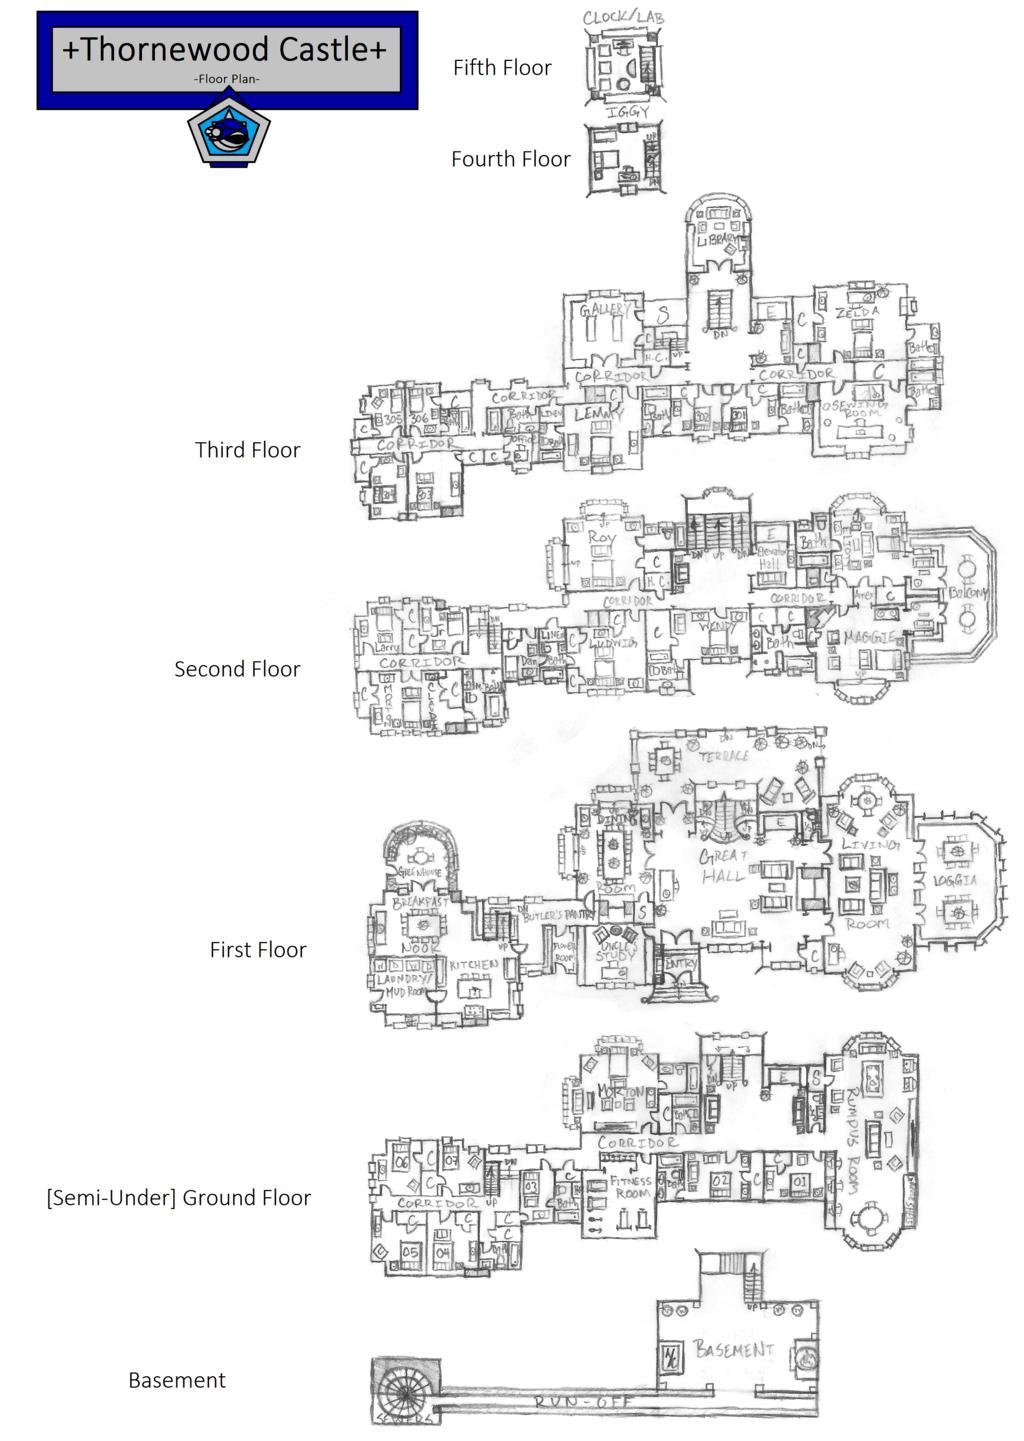 Thornewood castle floor plan google search castle for Chateau blueprints